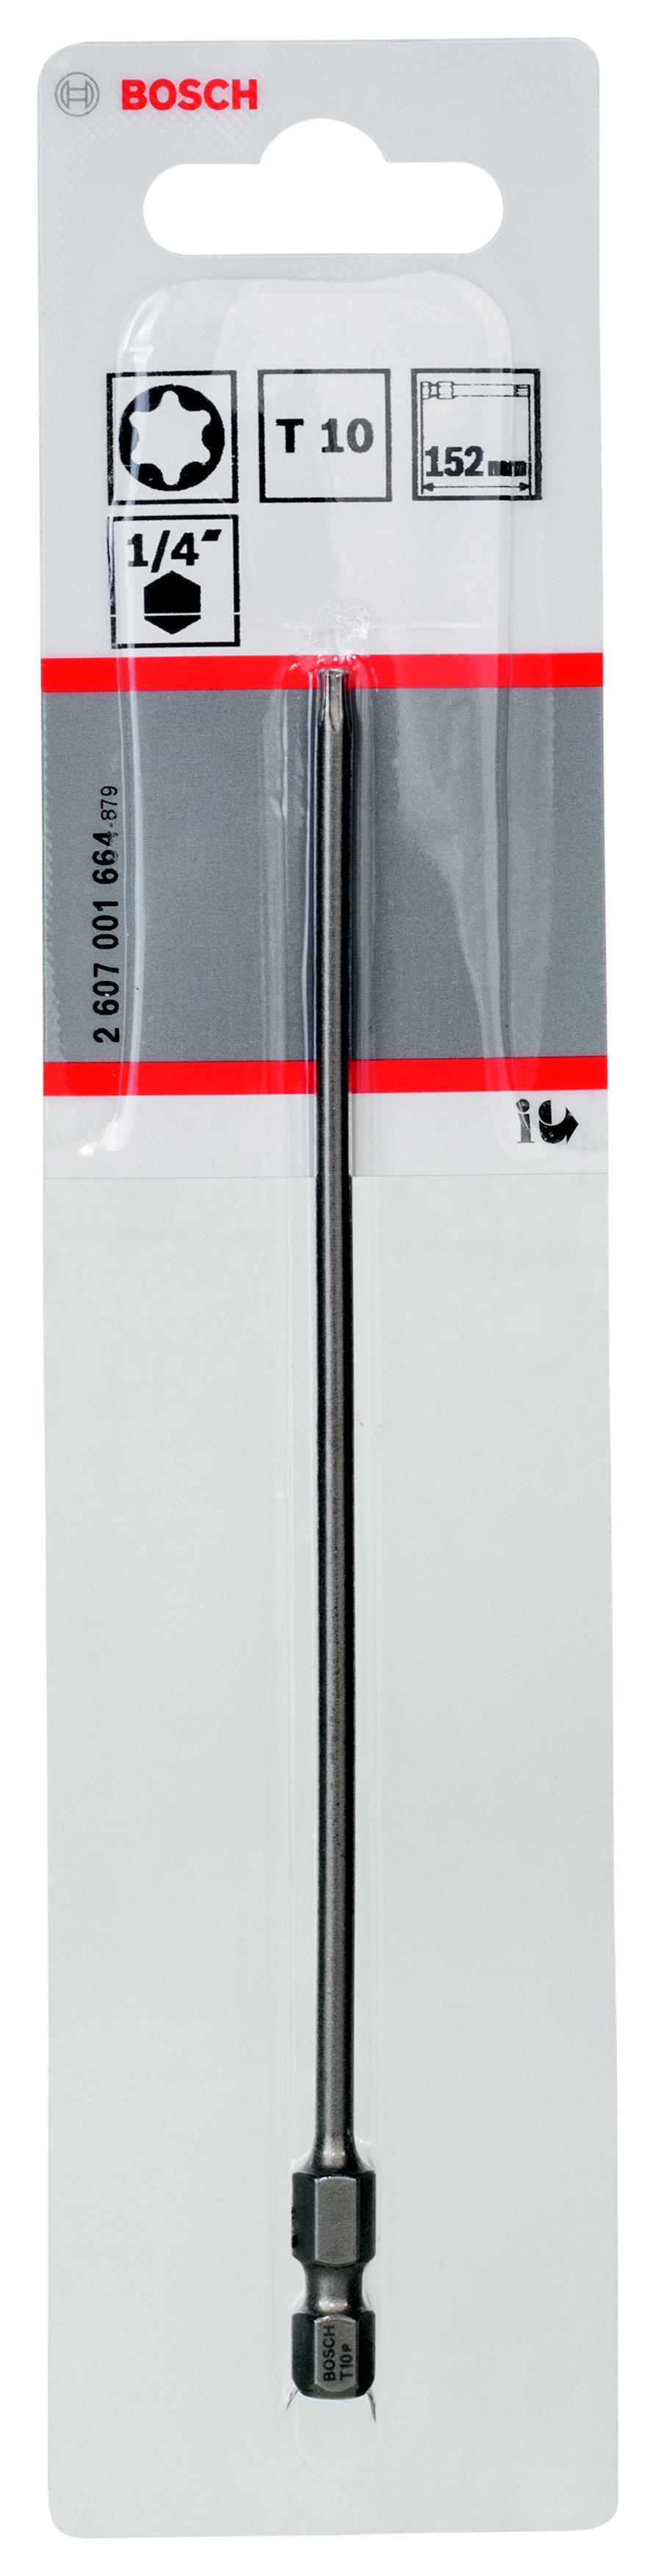 Бита Bosch T10 152мм (2607001664) цена и фото